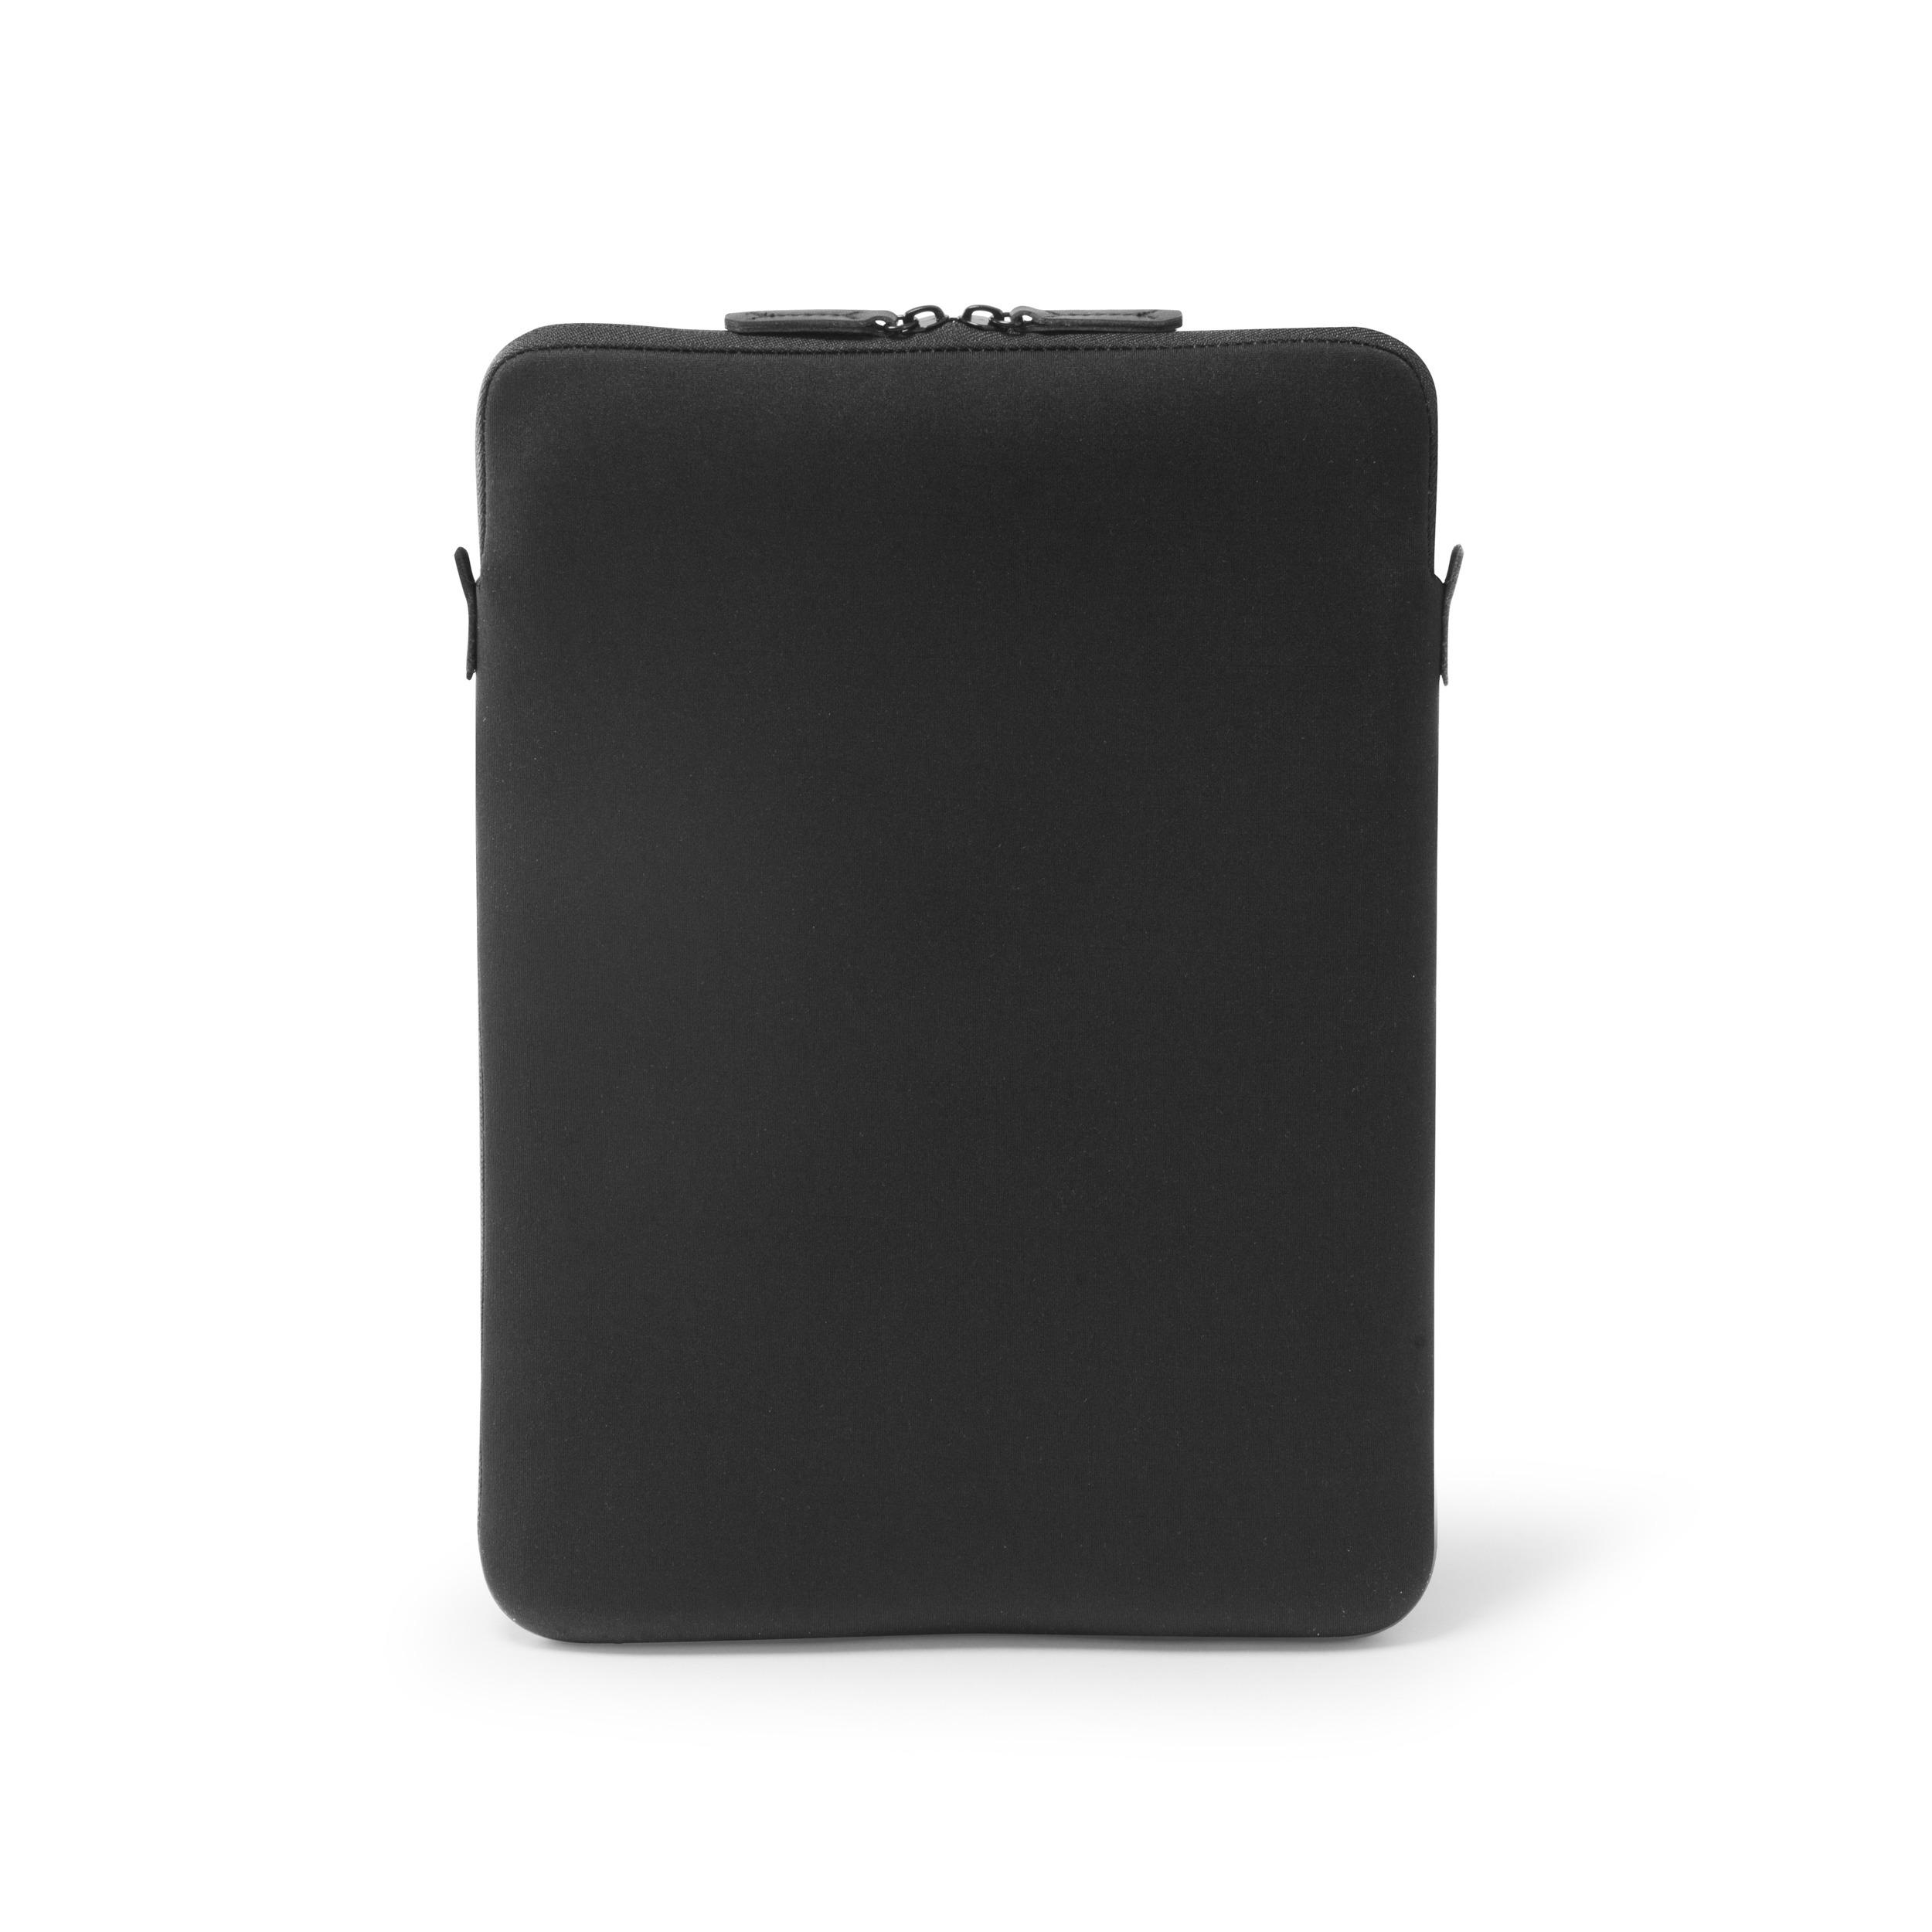 Op Perfect LCD is alles over computer te vinden: waaronder expert en specifiek Dicota Ultra Skin PRO 13-13.3 Laptop tas